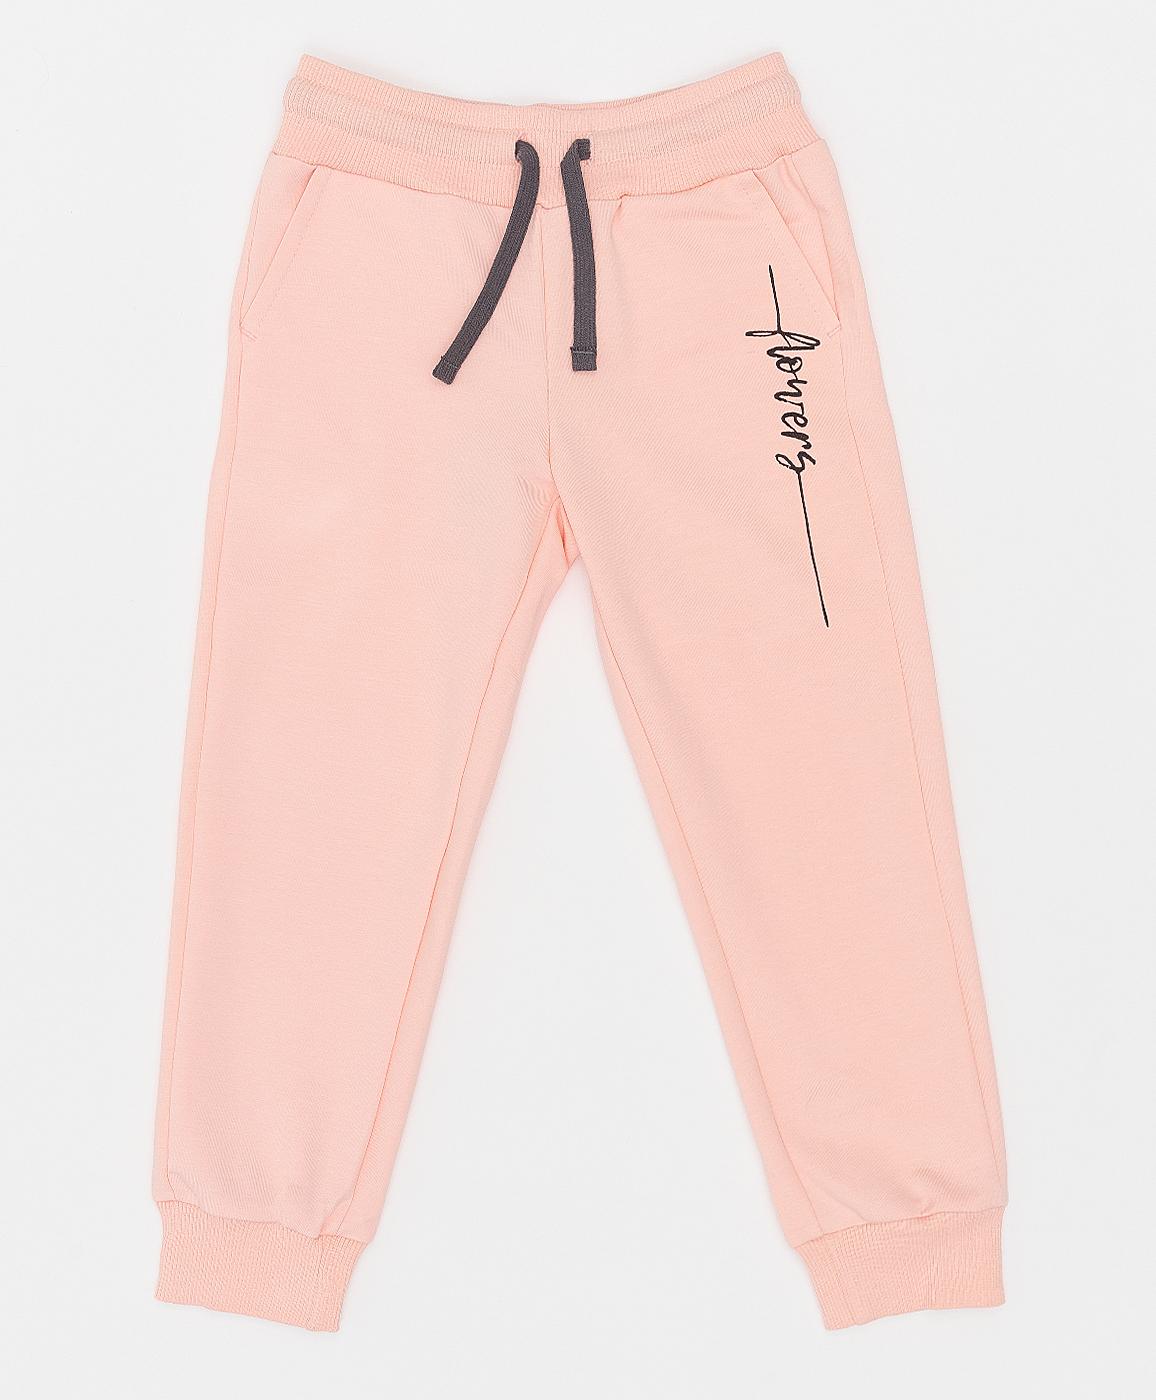 Купить 121BBGMC56016300, Розовые брюки Button Blue, розовый, 128, Футер, Женский, Весна, ВЕСНА/ЛЕТО 2021 (shop: GulliverMarket Gulliver Market)